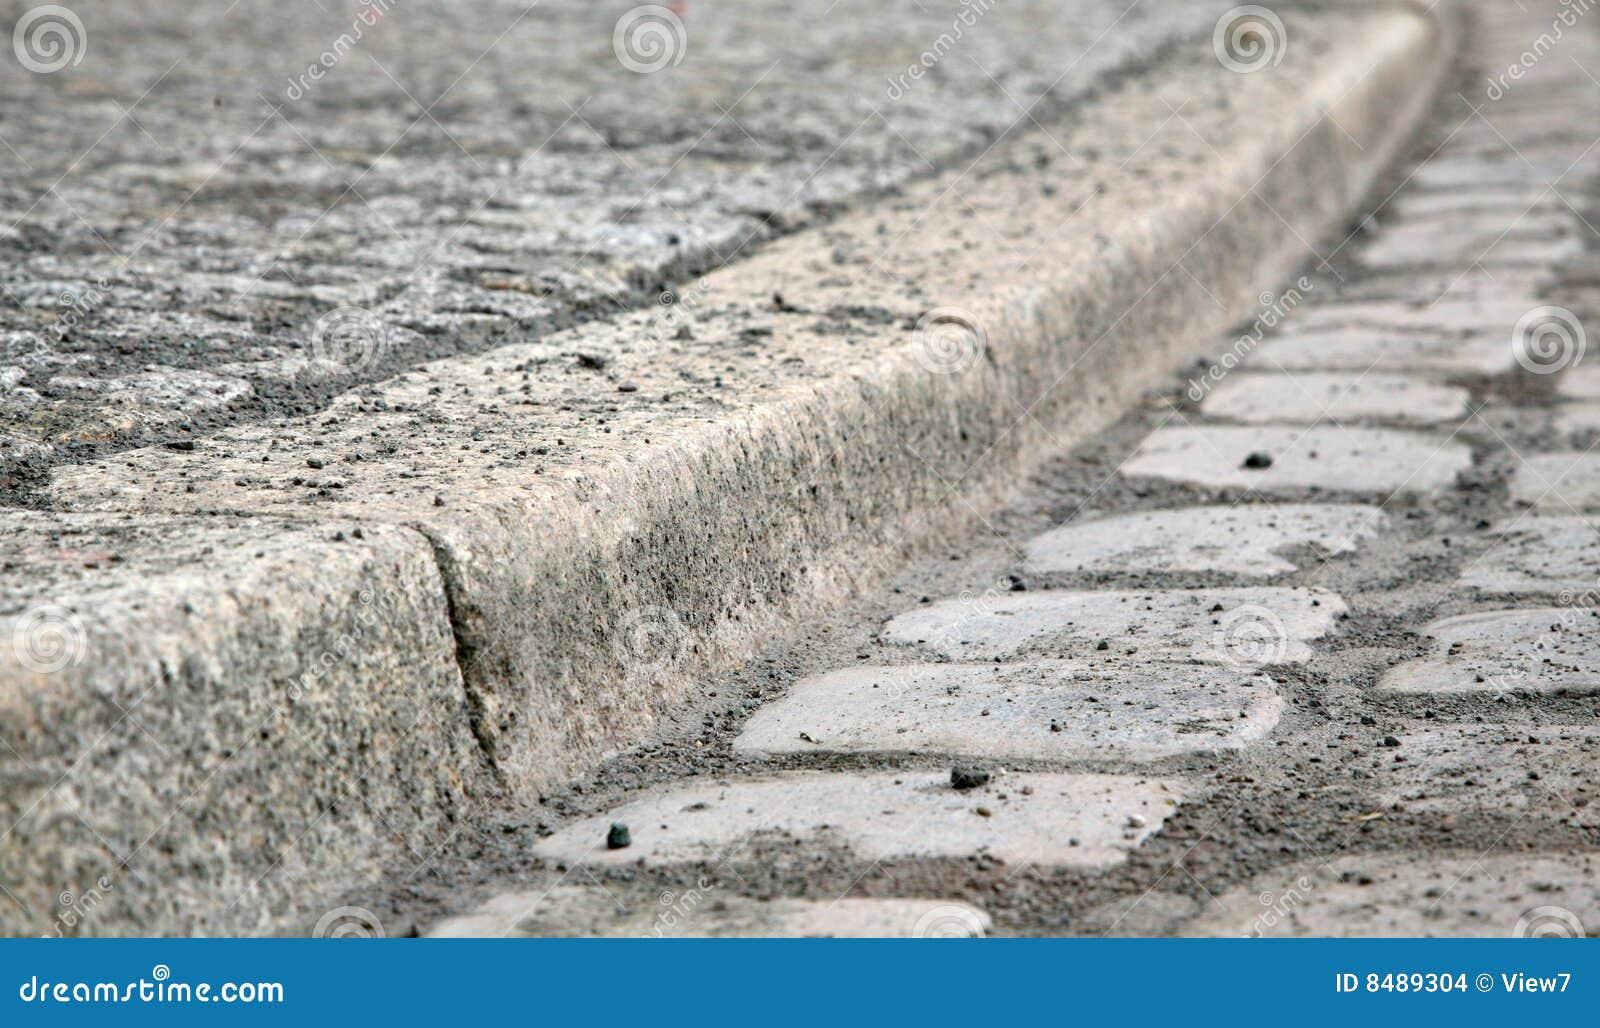 Bordure de trottoir de pav rond photo stock image 8489304 - Bordure de trottoir ...